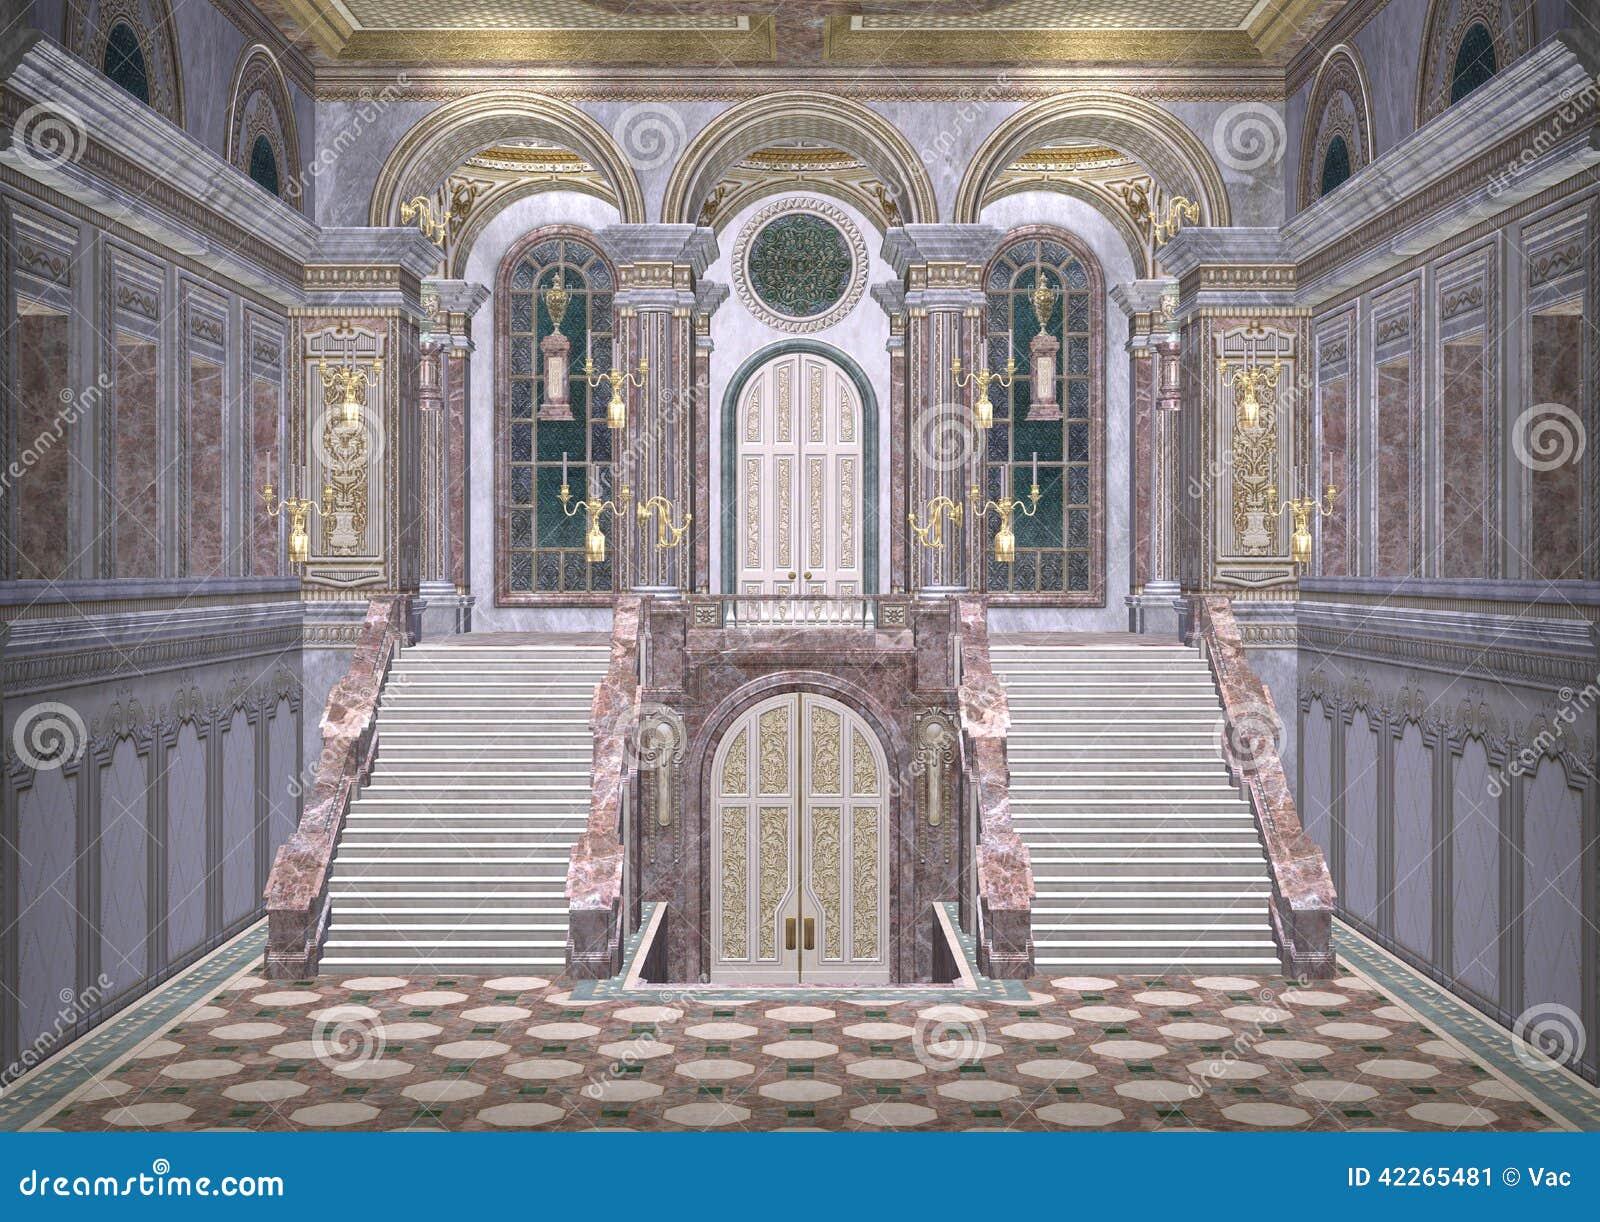 Fairytale Palace Stock Illustration Image 42265481